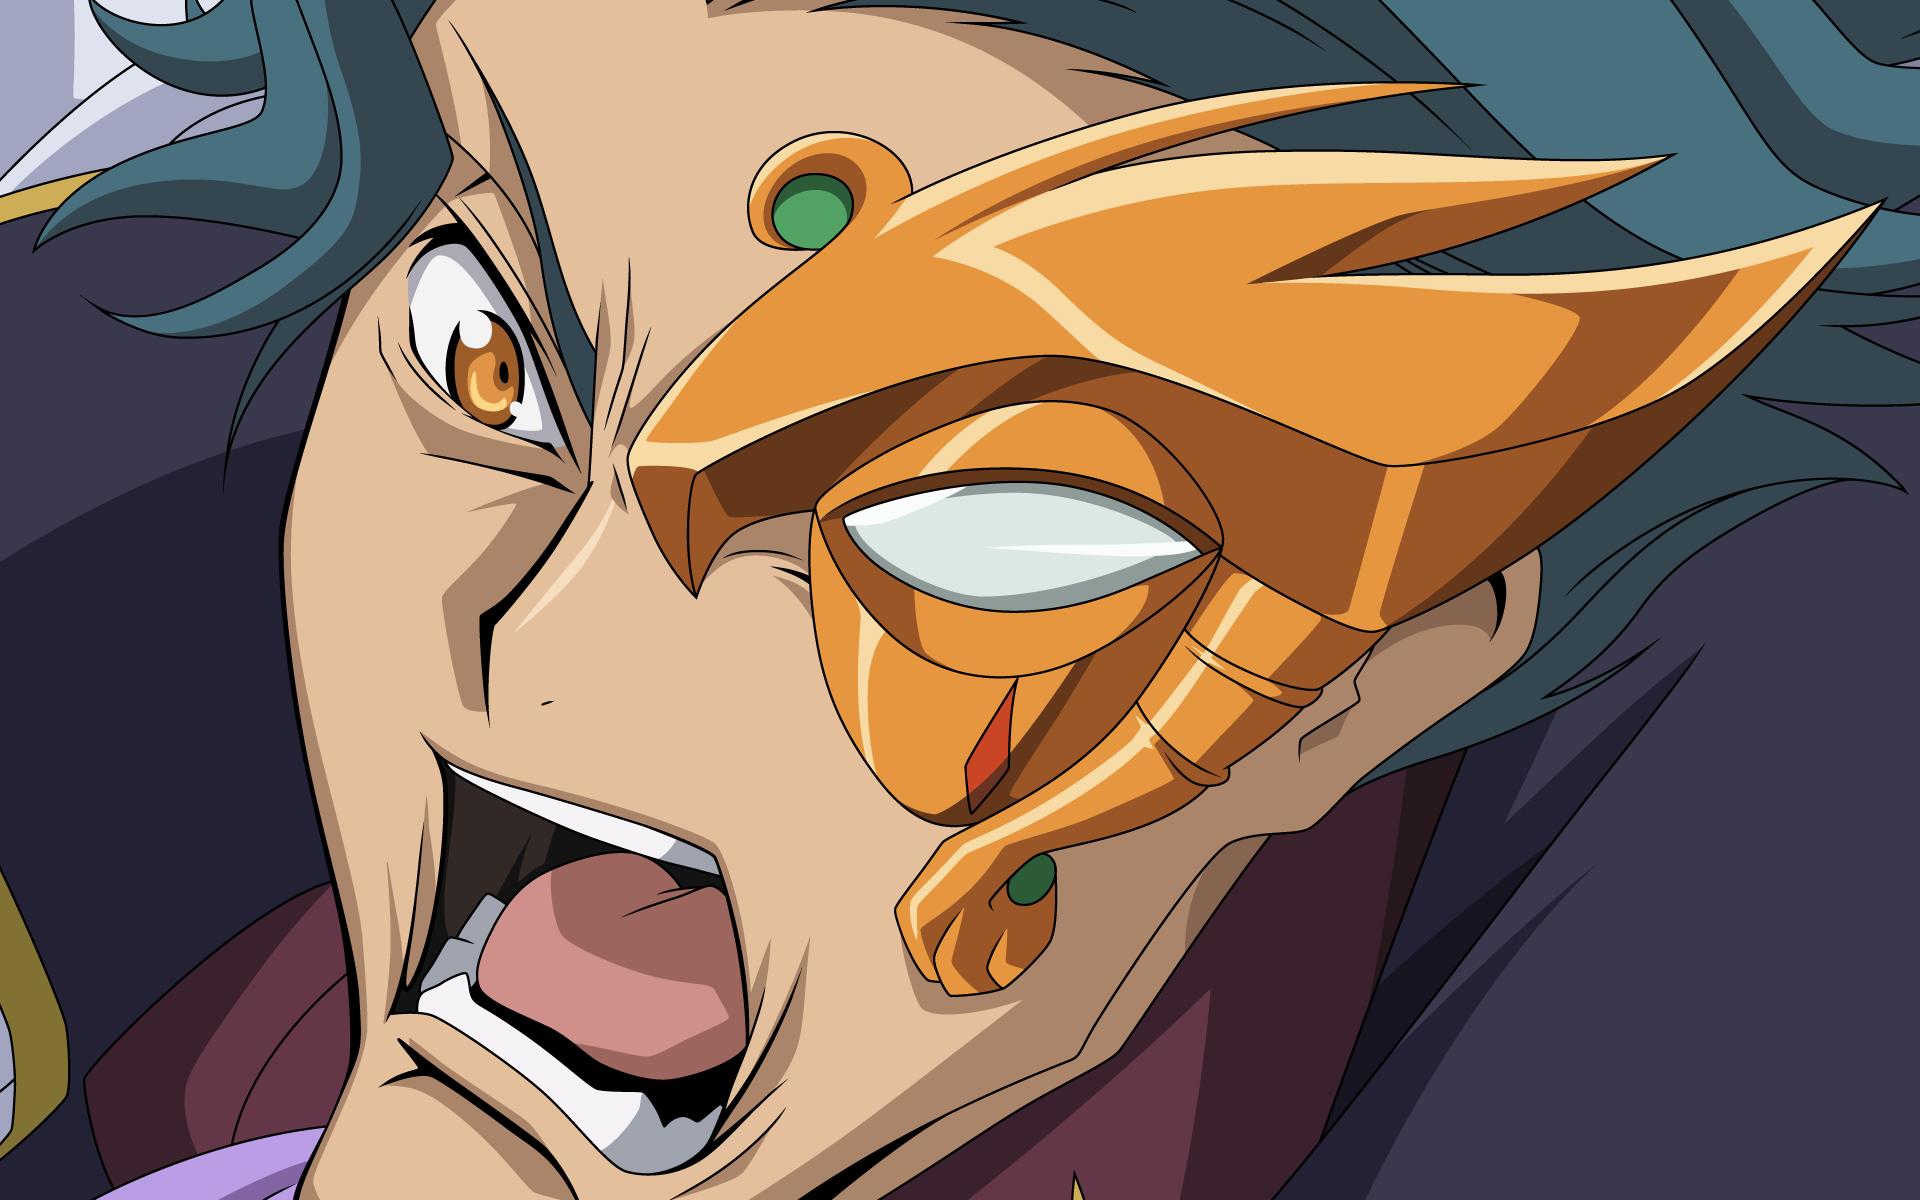 ????「オレンジオレンジうっせぇーんだよォッ!!」 #NTV #kindaichi #スーパー殺人タイム http://t.co/EsxGPkn7CE